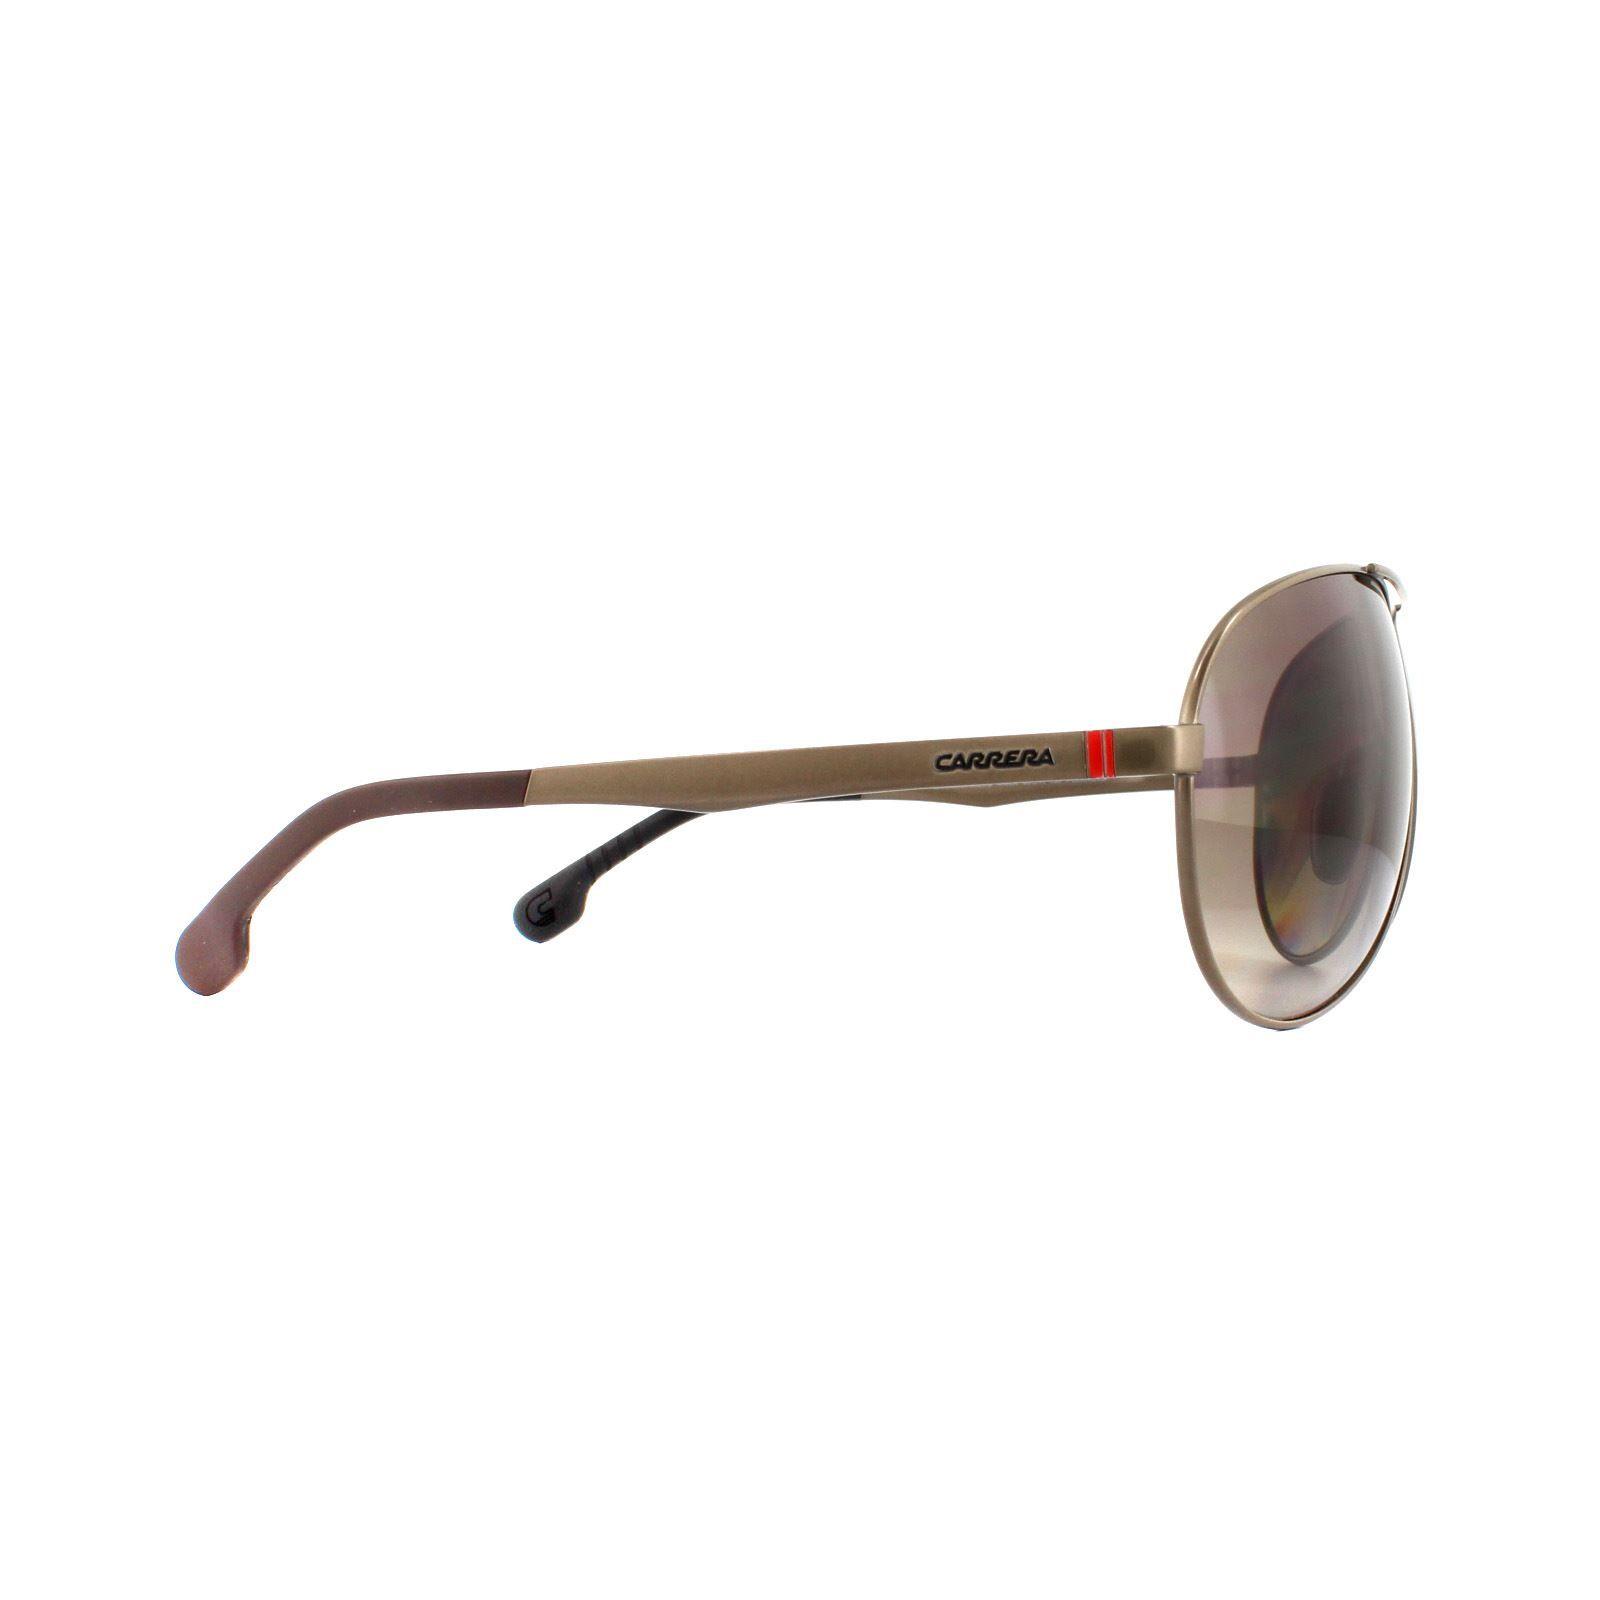 Carrera Sunglasses Carrera 8023 4IN LA Matt Brown Brown Gradient Polarized